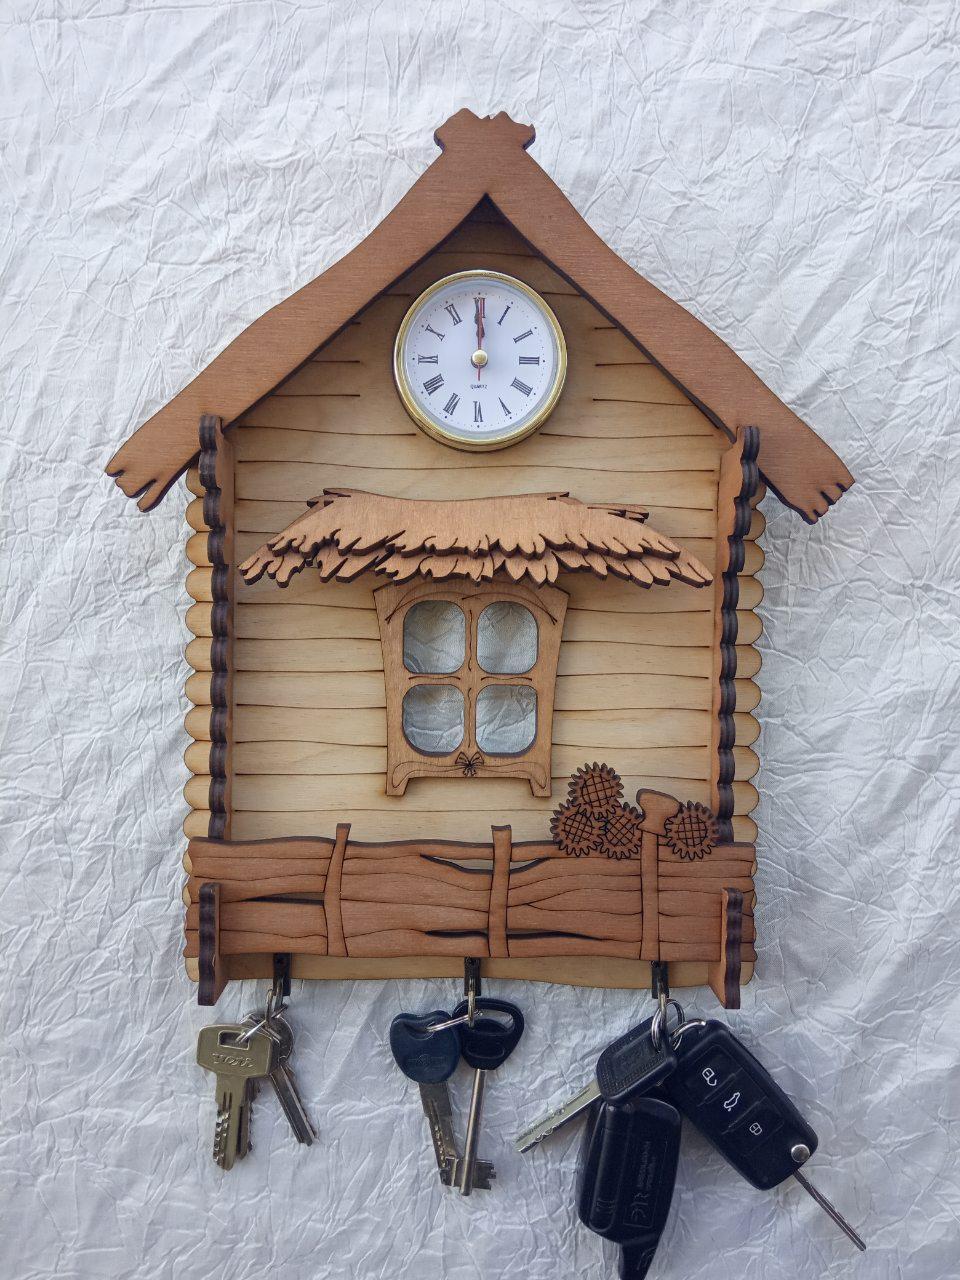 Ключниця Вішалка-будиночок з годинником